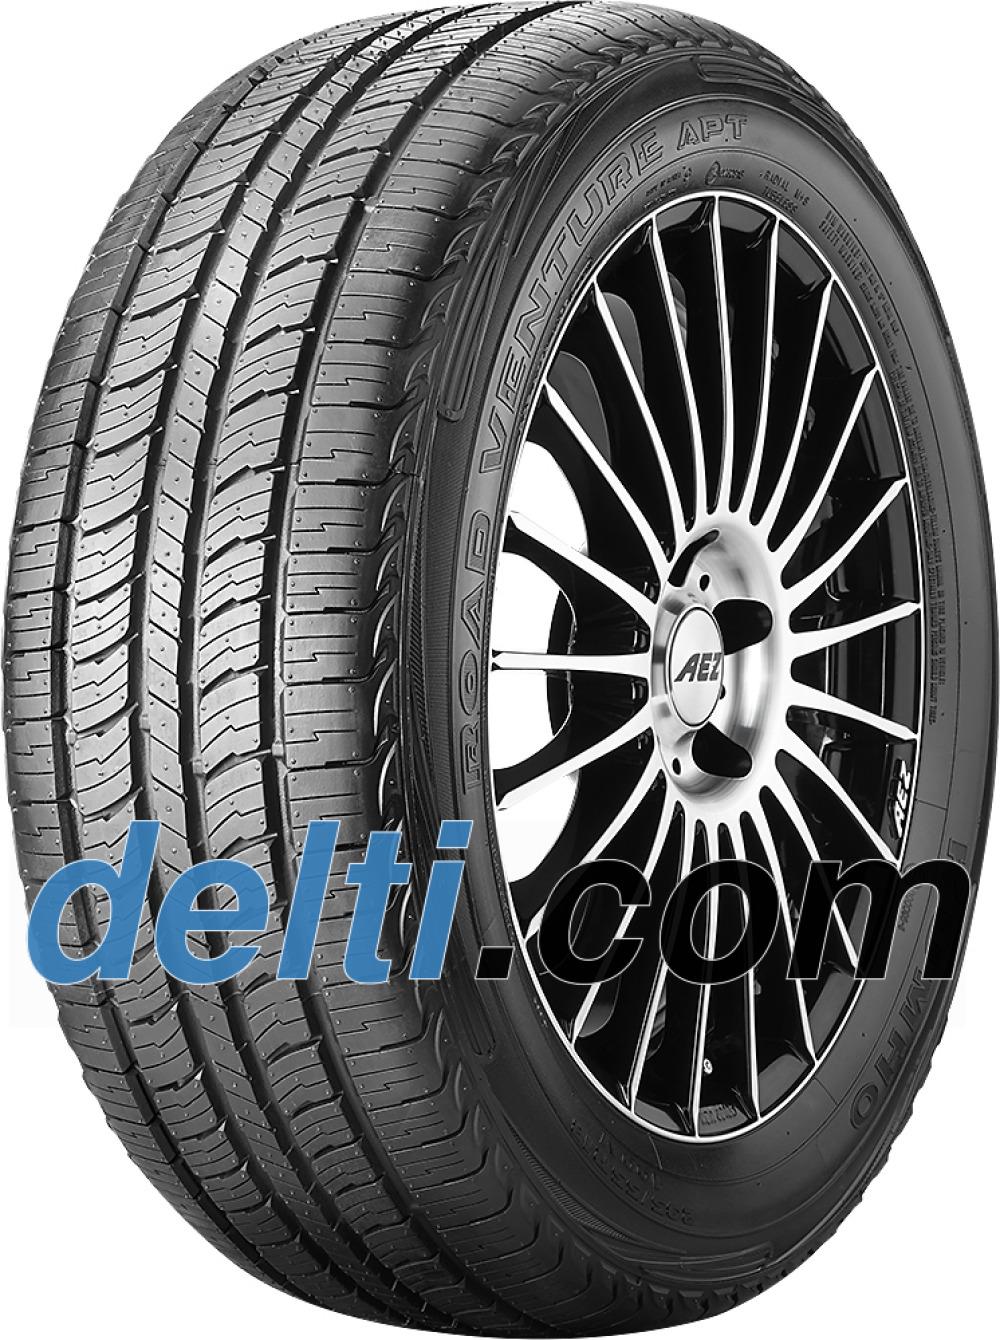 Kumho Road Venture APT KL51 ( P265/70 R16 112T OWL )